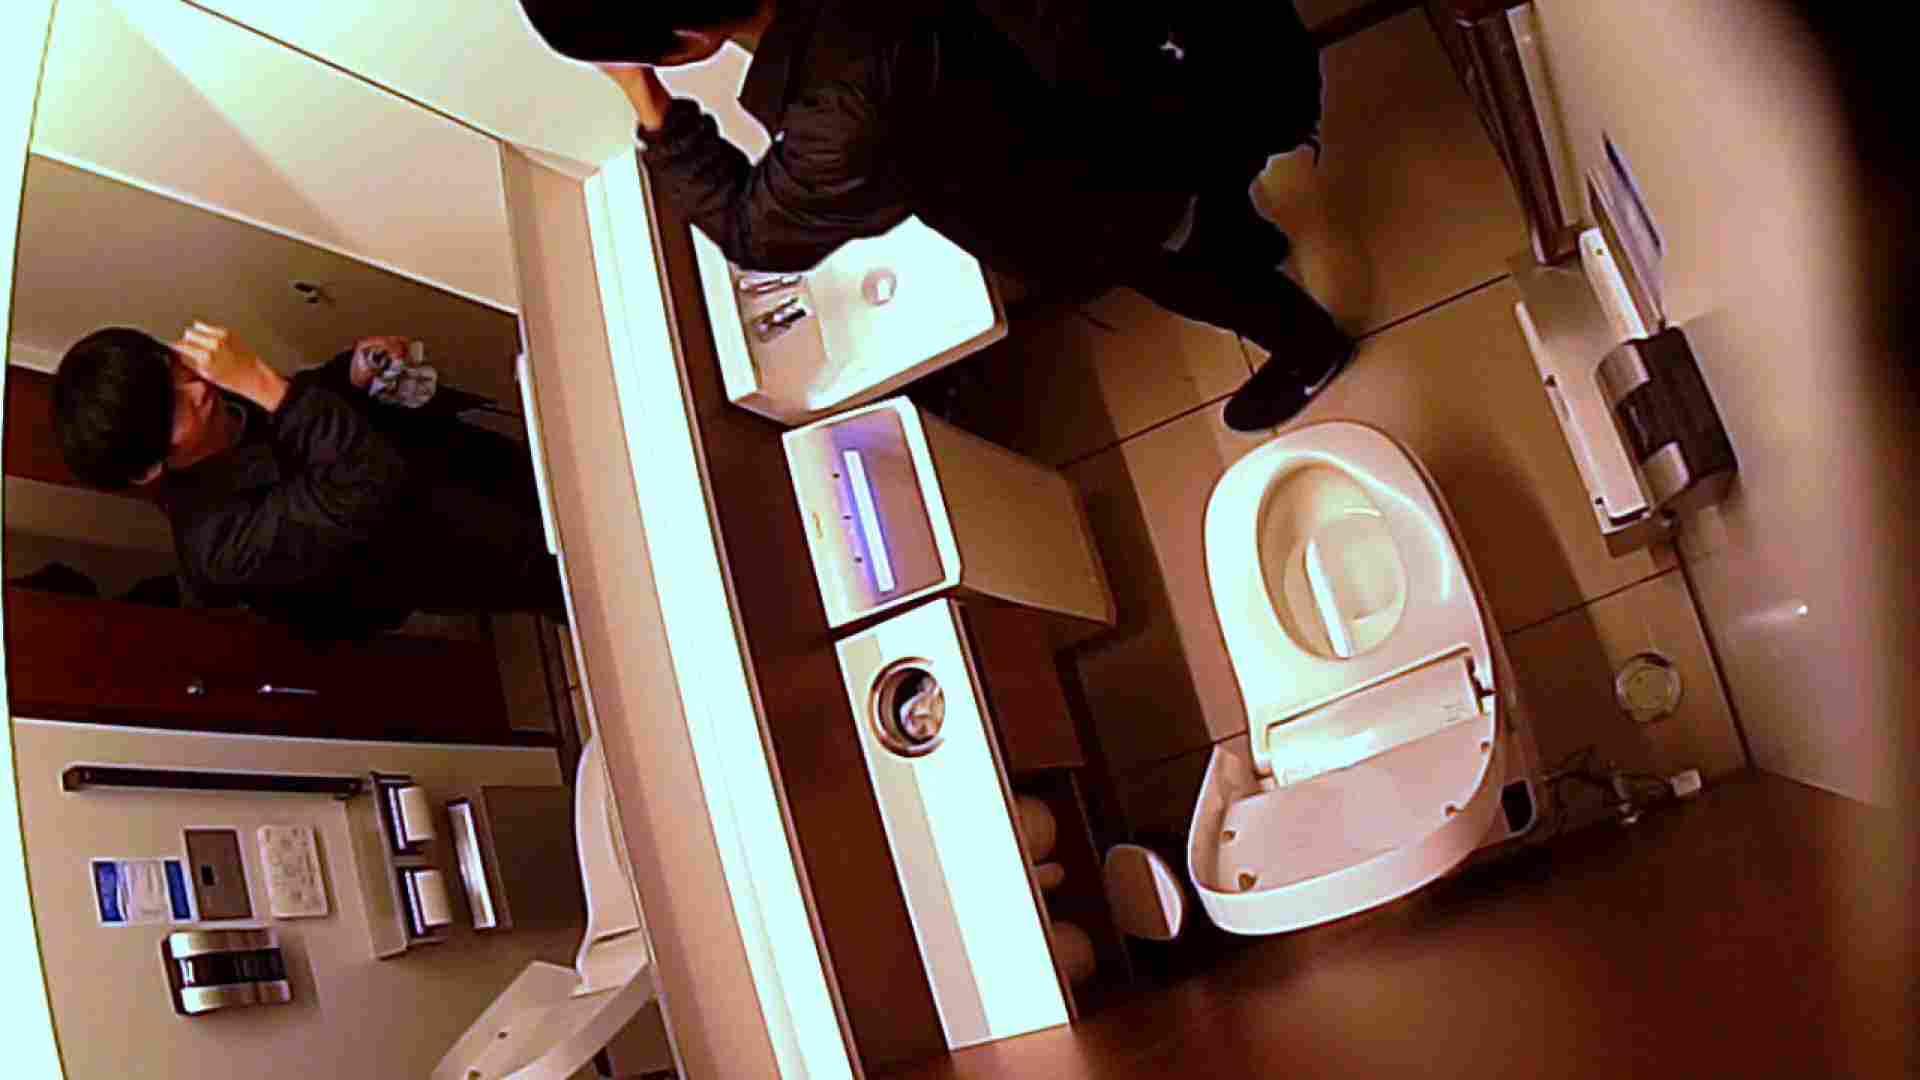 すみませんが覗かせてください Vol.32 トイレ | 0  102pic 85